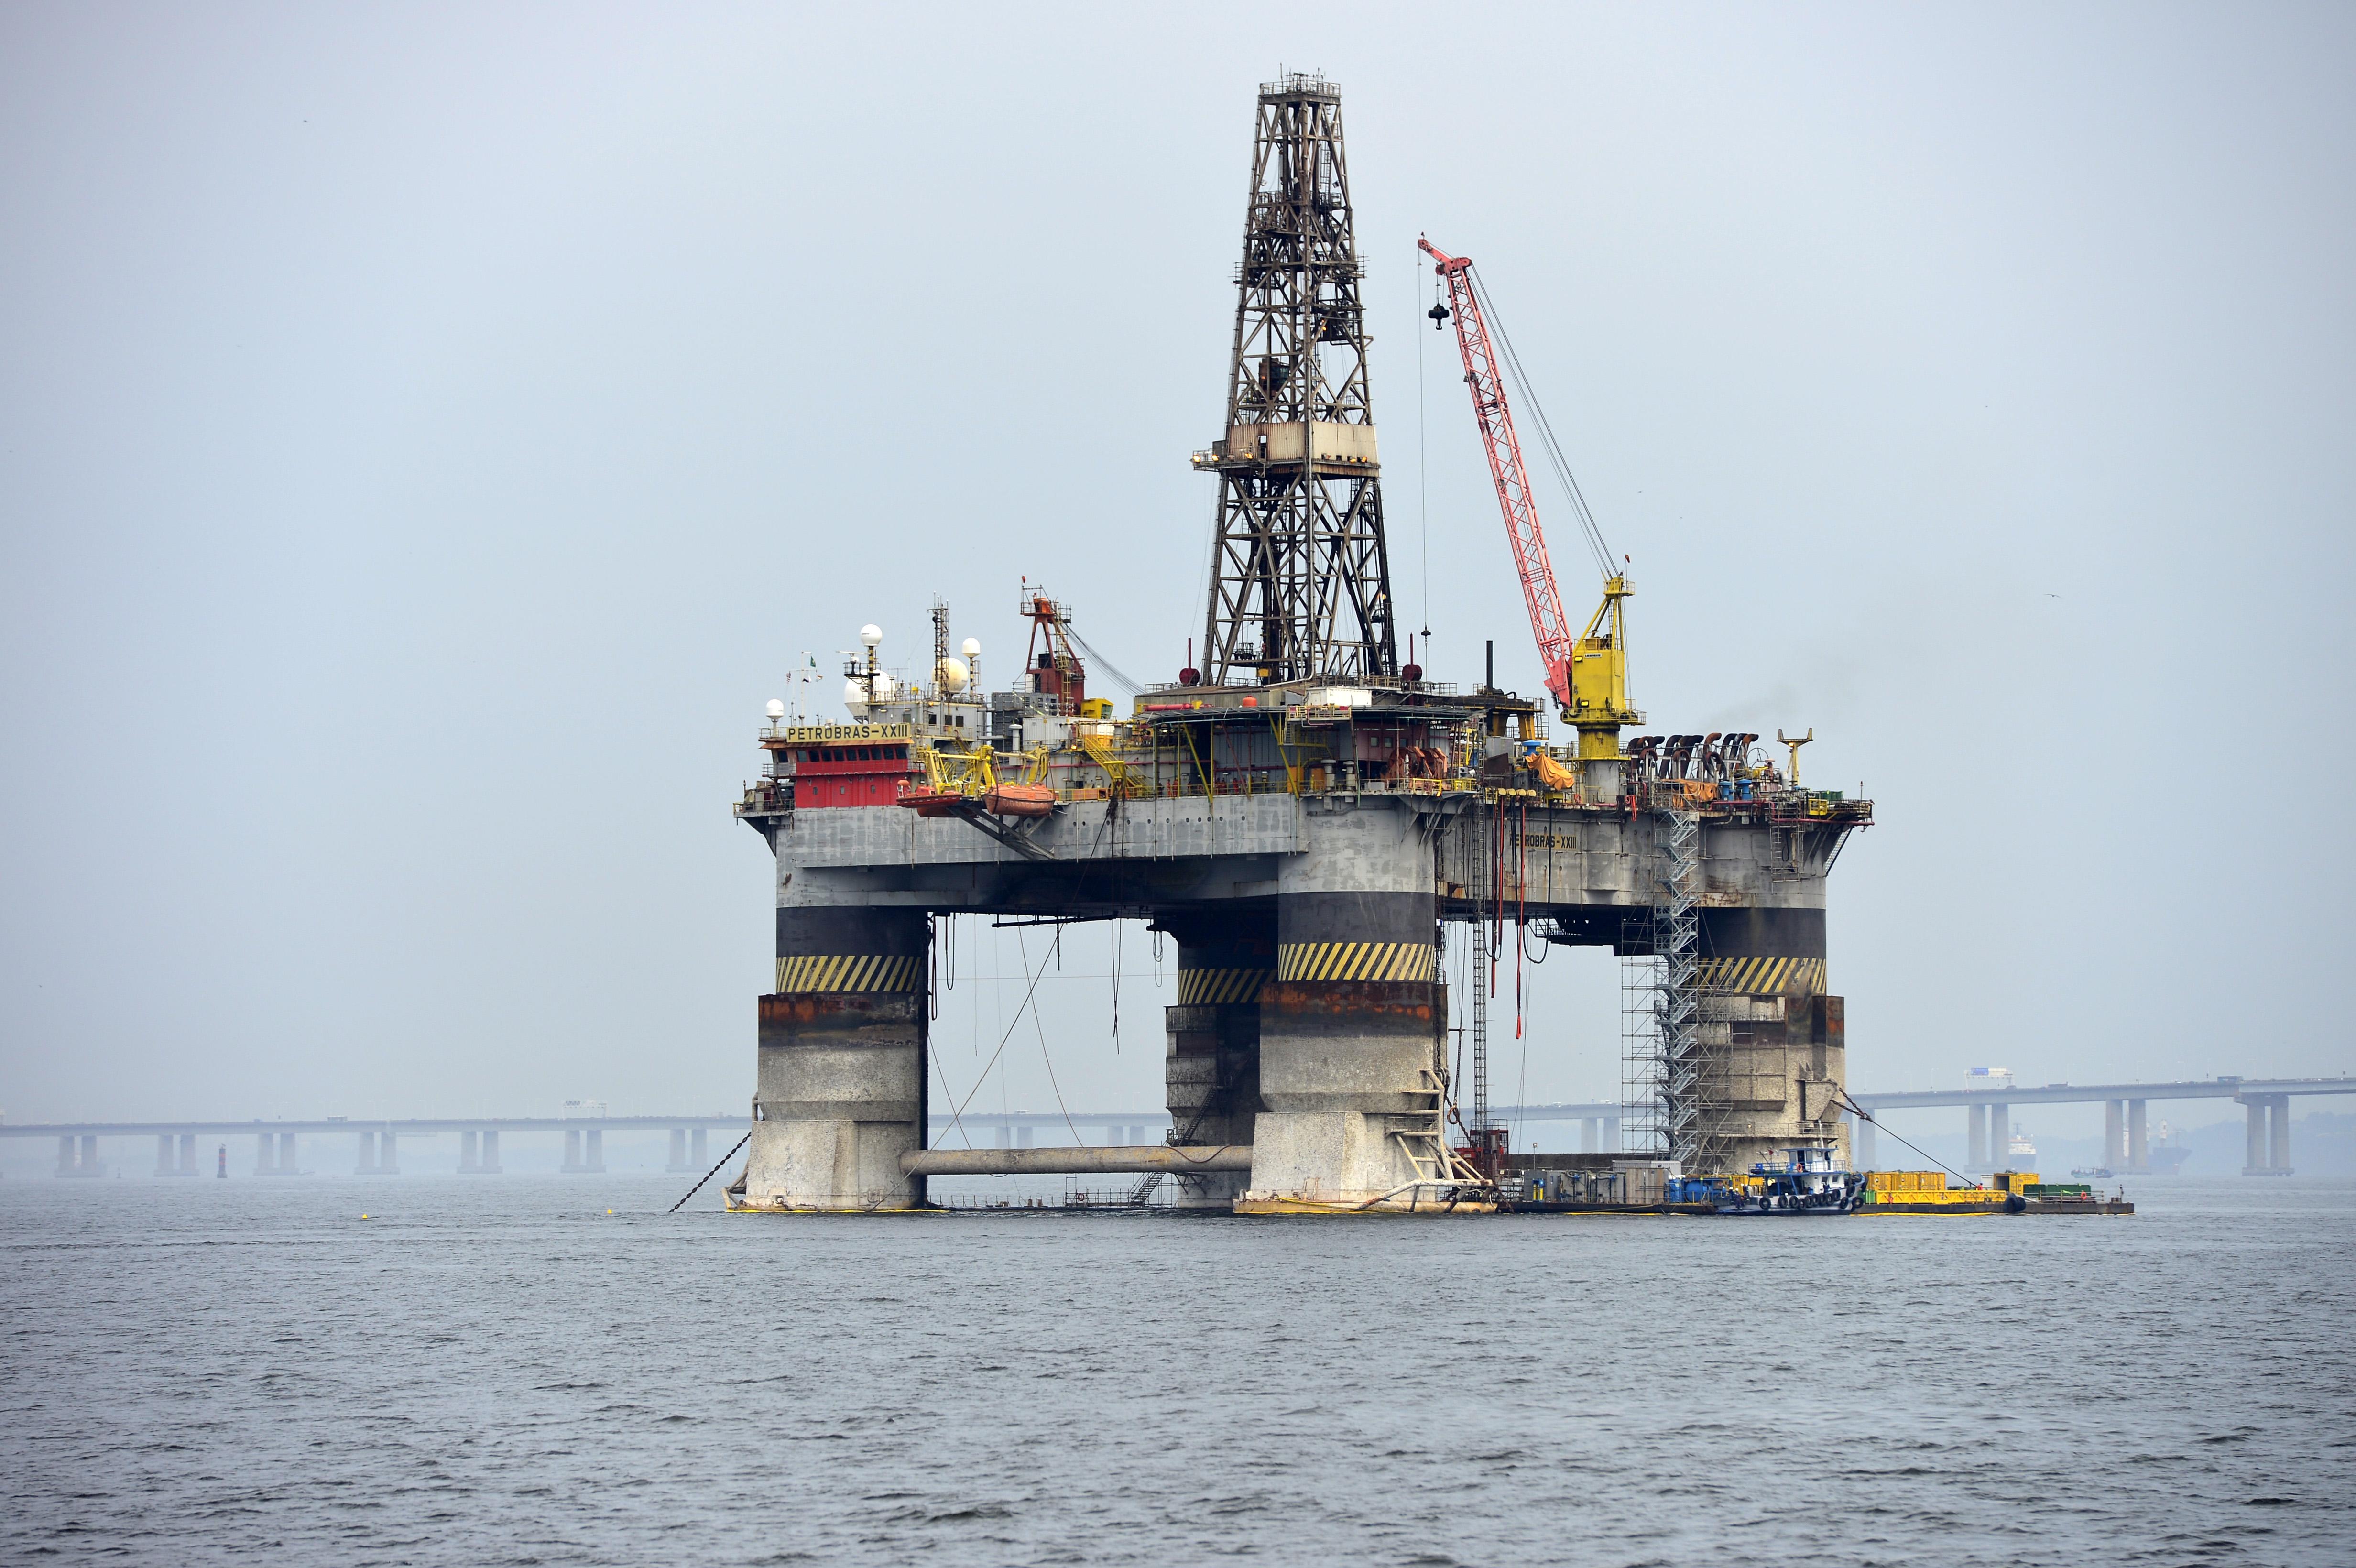 Plataforma de petróleo no Rio de Janeiro